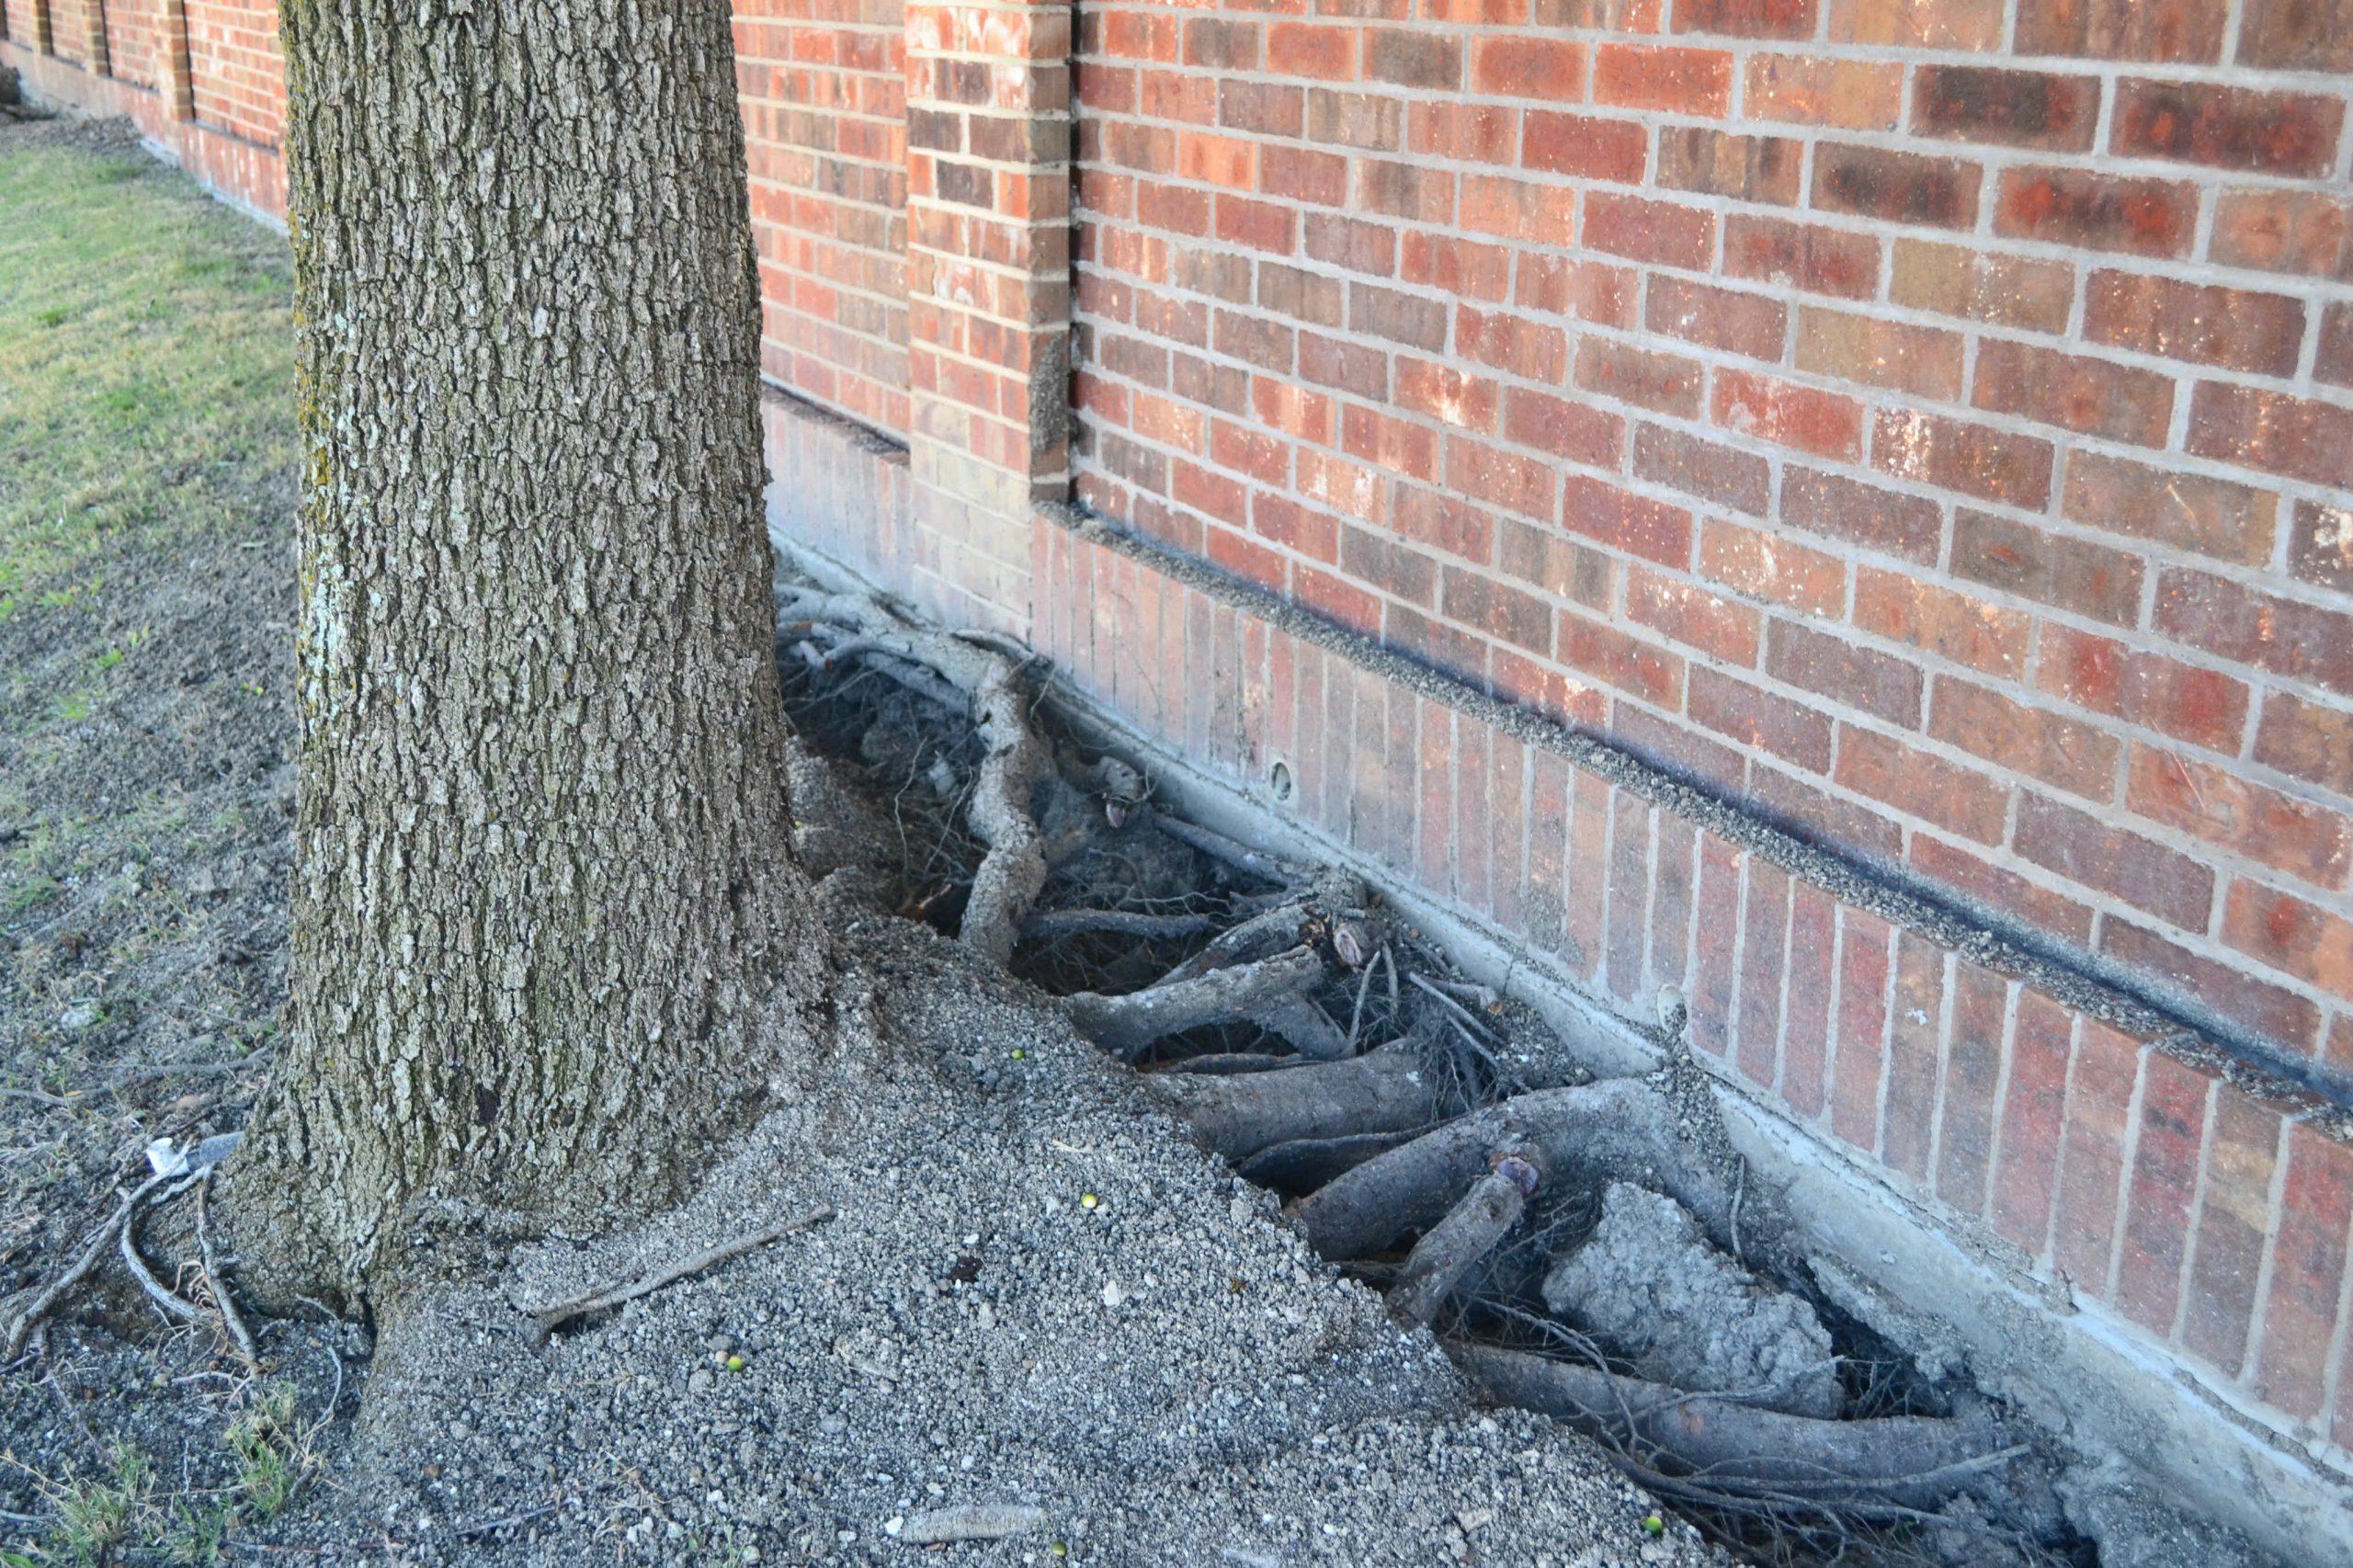 Foundation Tree Damage